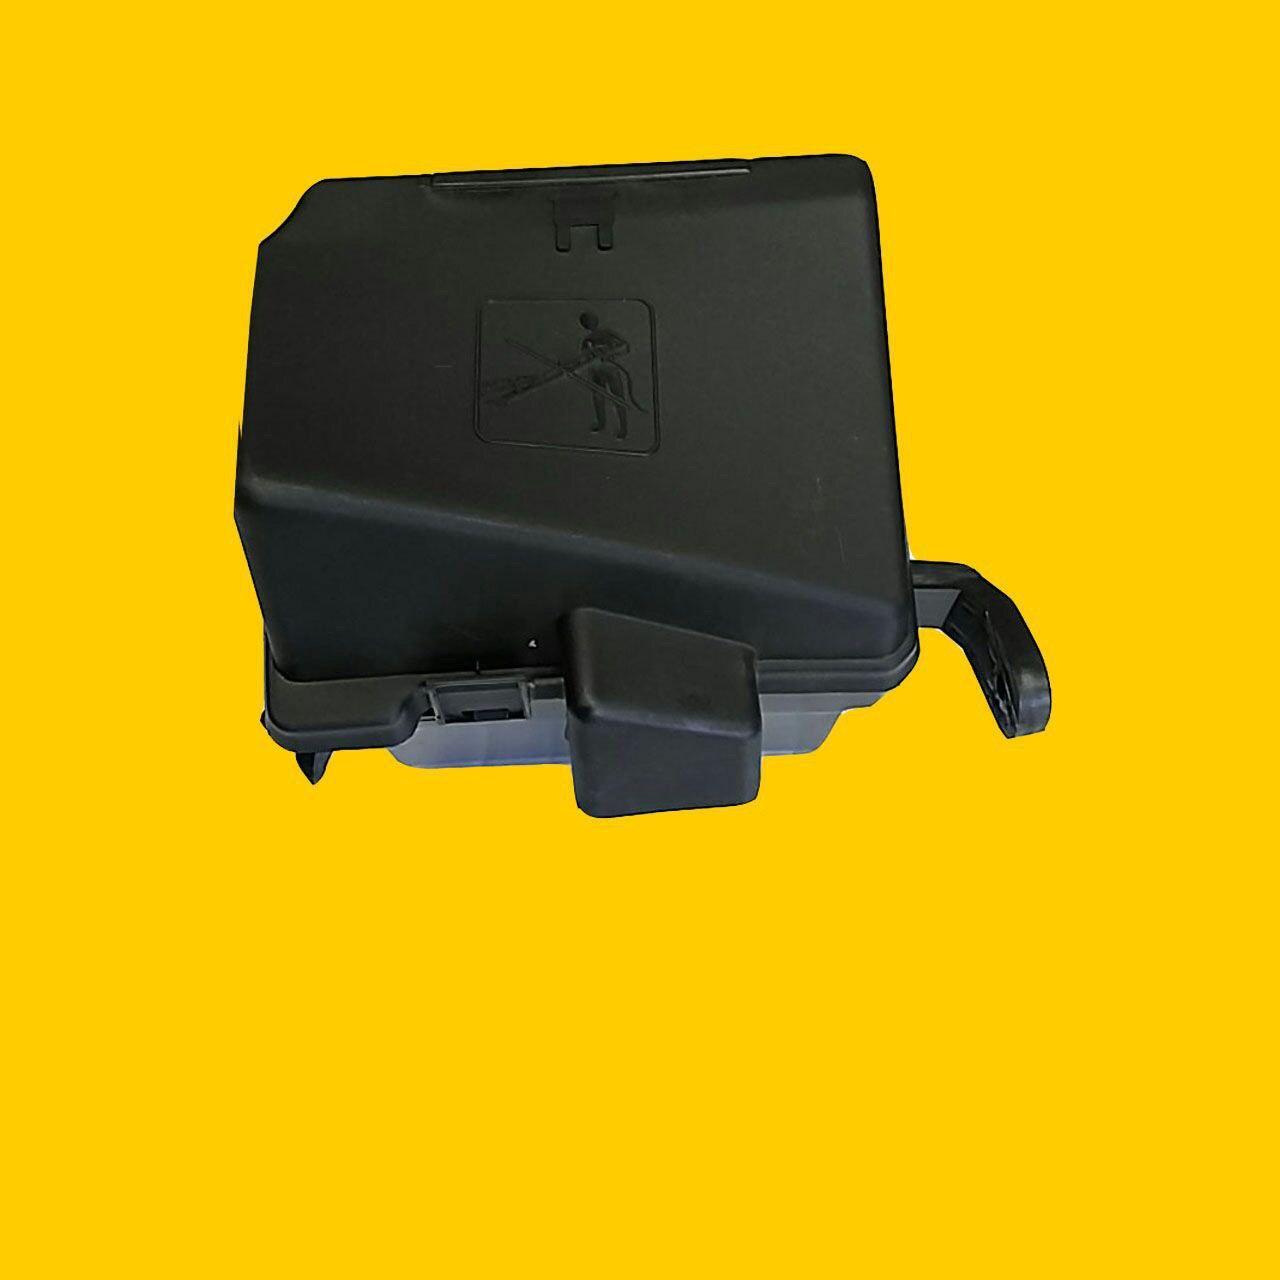 جعبه فیوز داخل موتور و درب پژو 206 bsm رانا